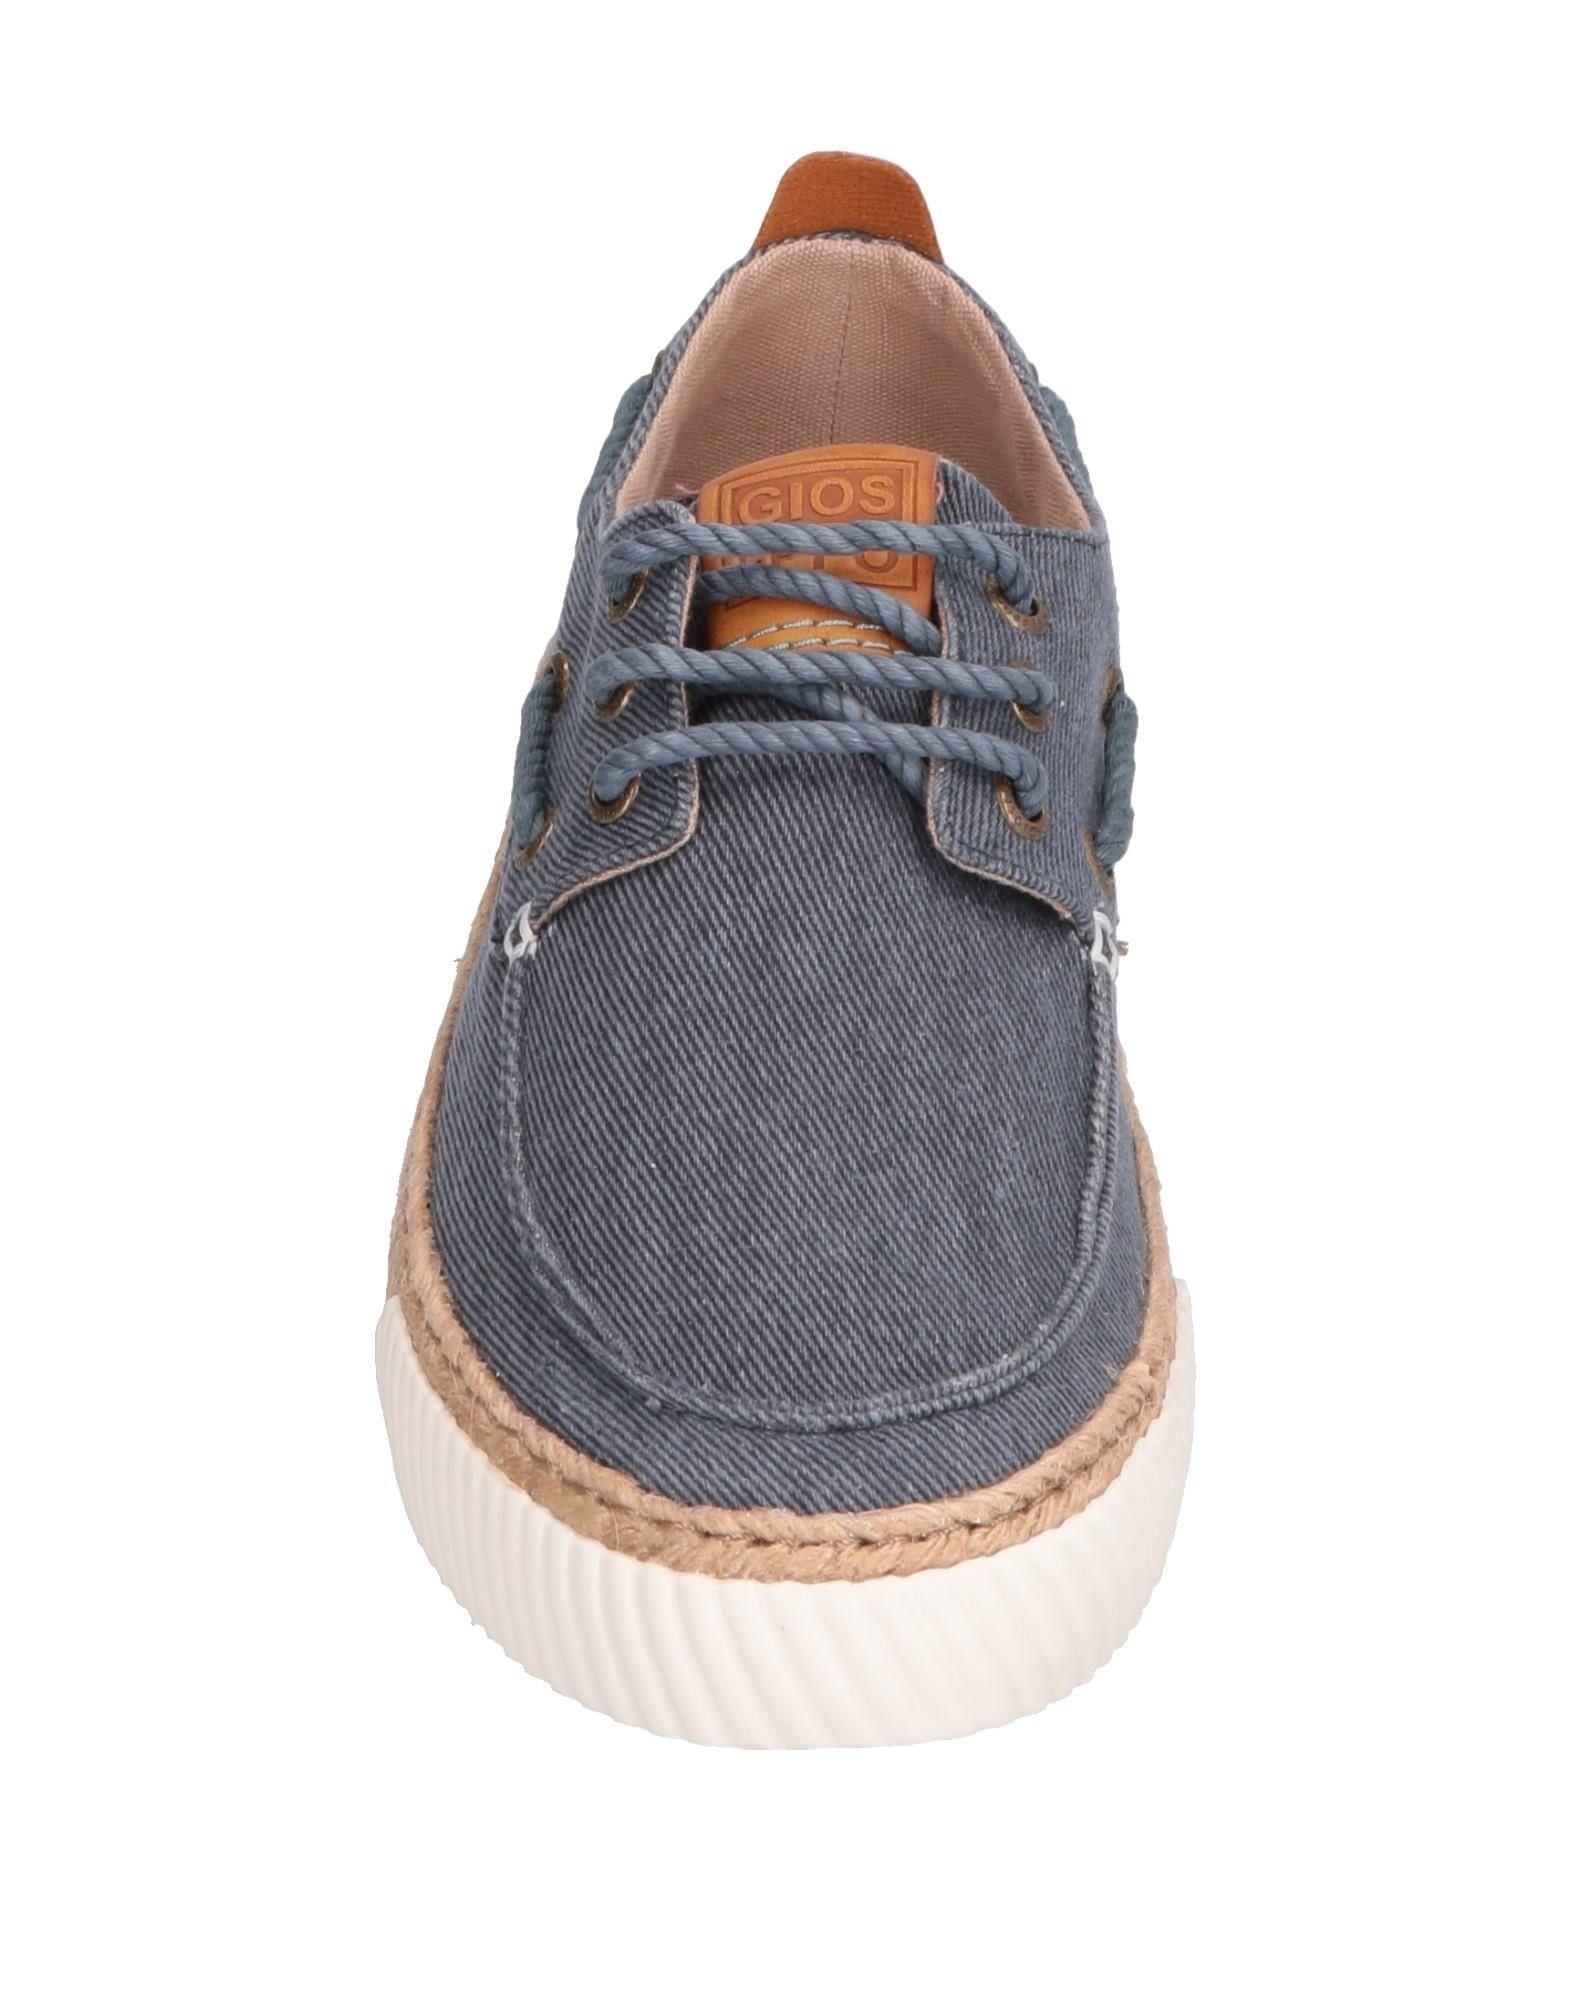 Gioseppo Sneakers Herren Gutes Preis-Leistungs-Verhältnis, sich es lohnt sich Preis-Leistungs-Verhältnis, f8c164